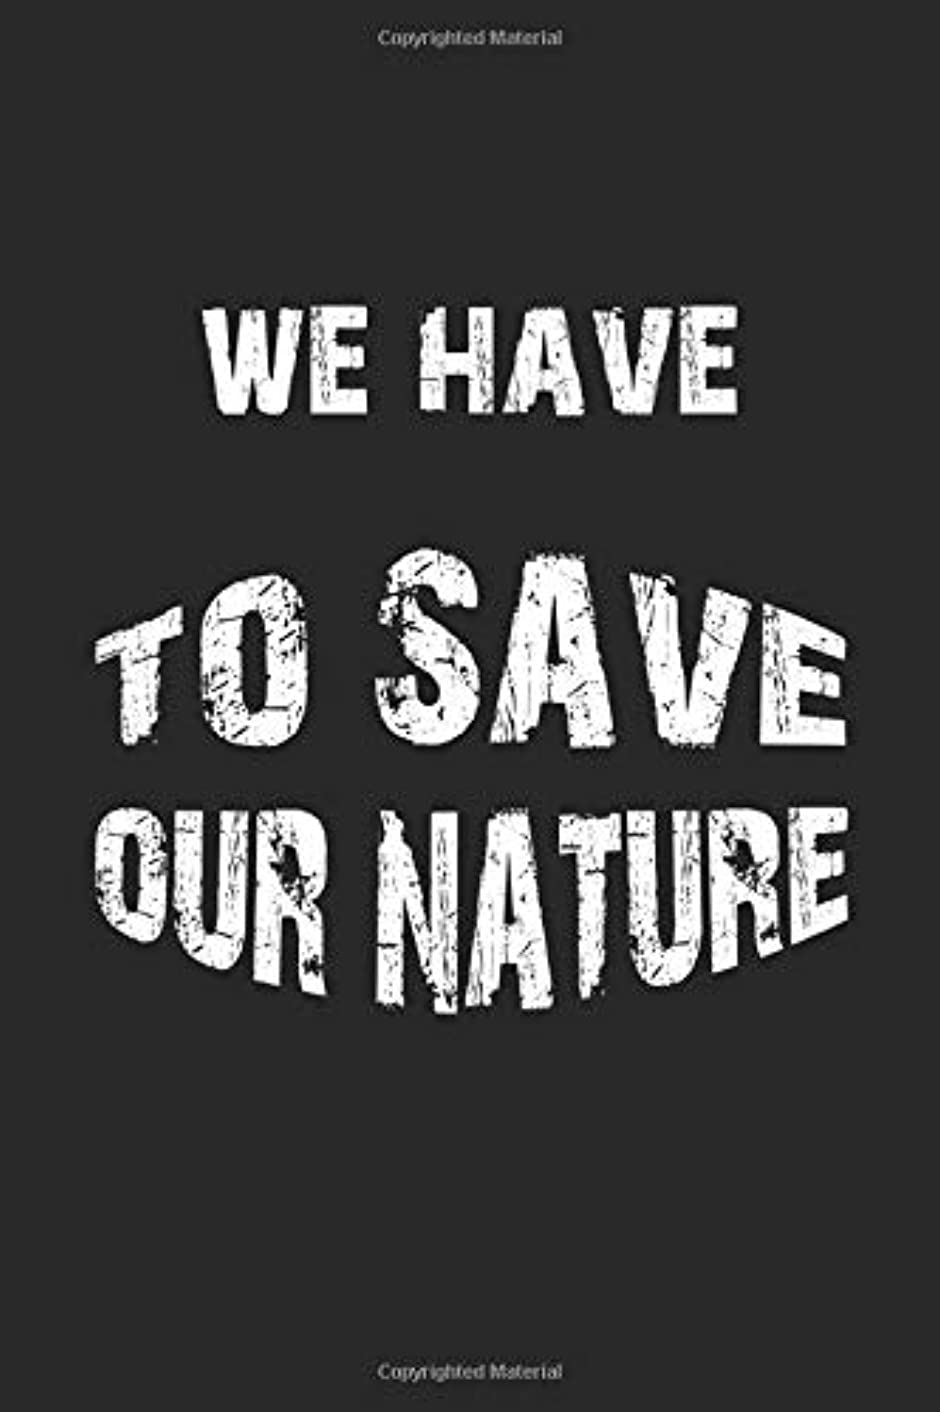 ライナー隣人殺人者We have to save our nature: Notizbuch, Notizheft, Tagebuch | Geschenk-Idee fuer Natur-Schuetzer & Umwelt-Aktivisten | Dot Grid | A5 | 120 Seiten